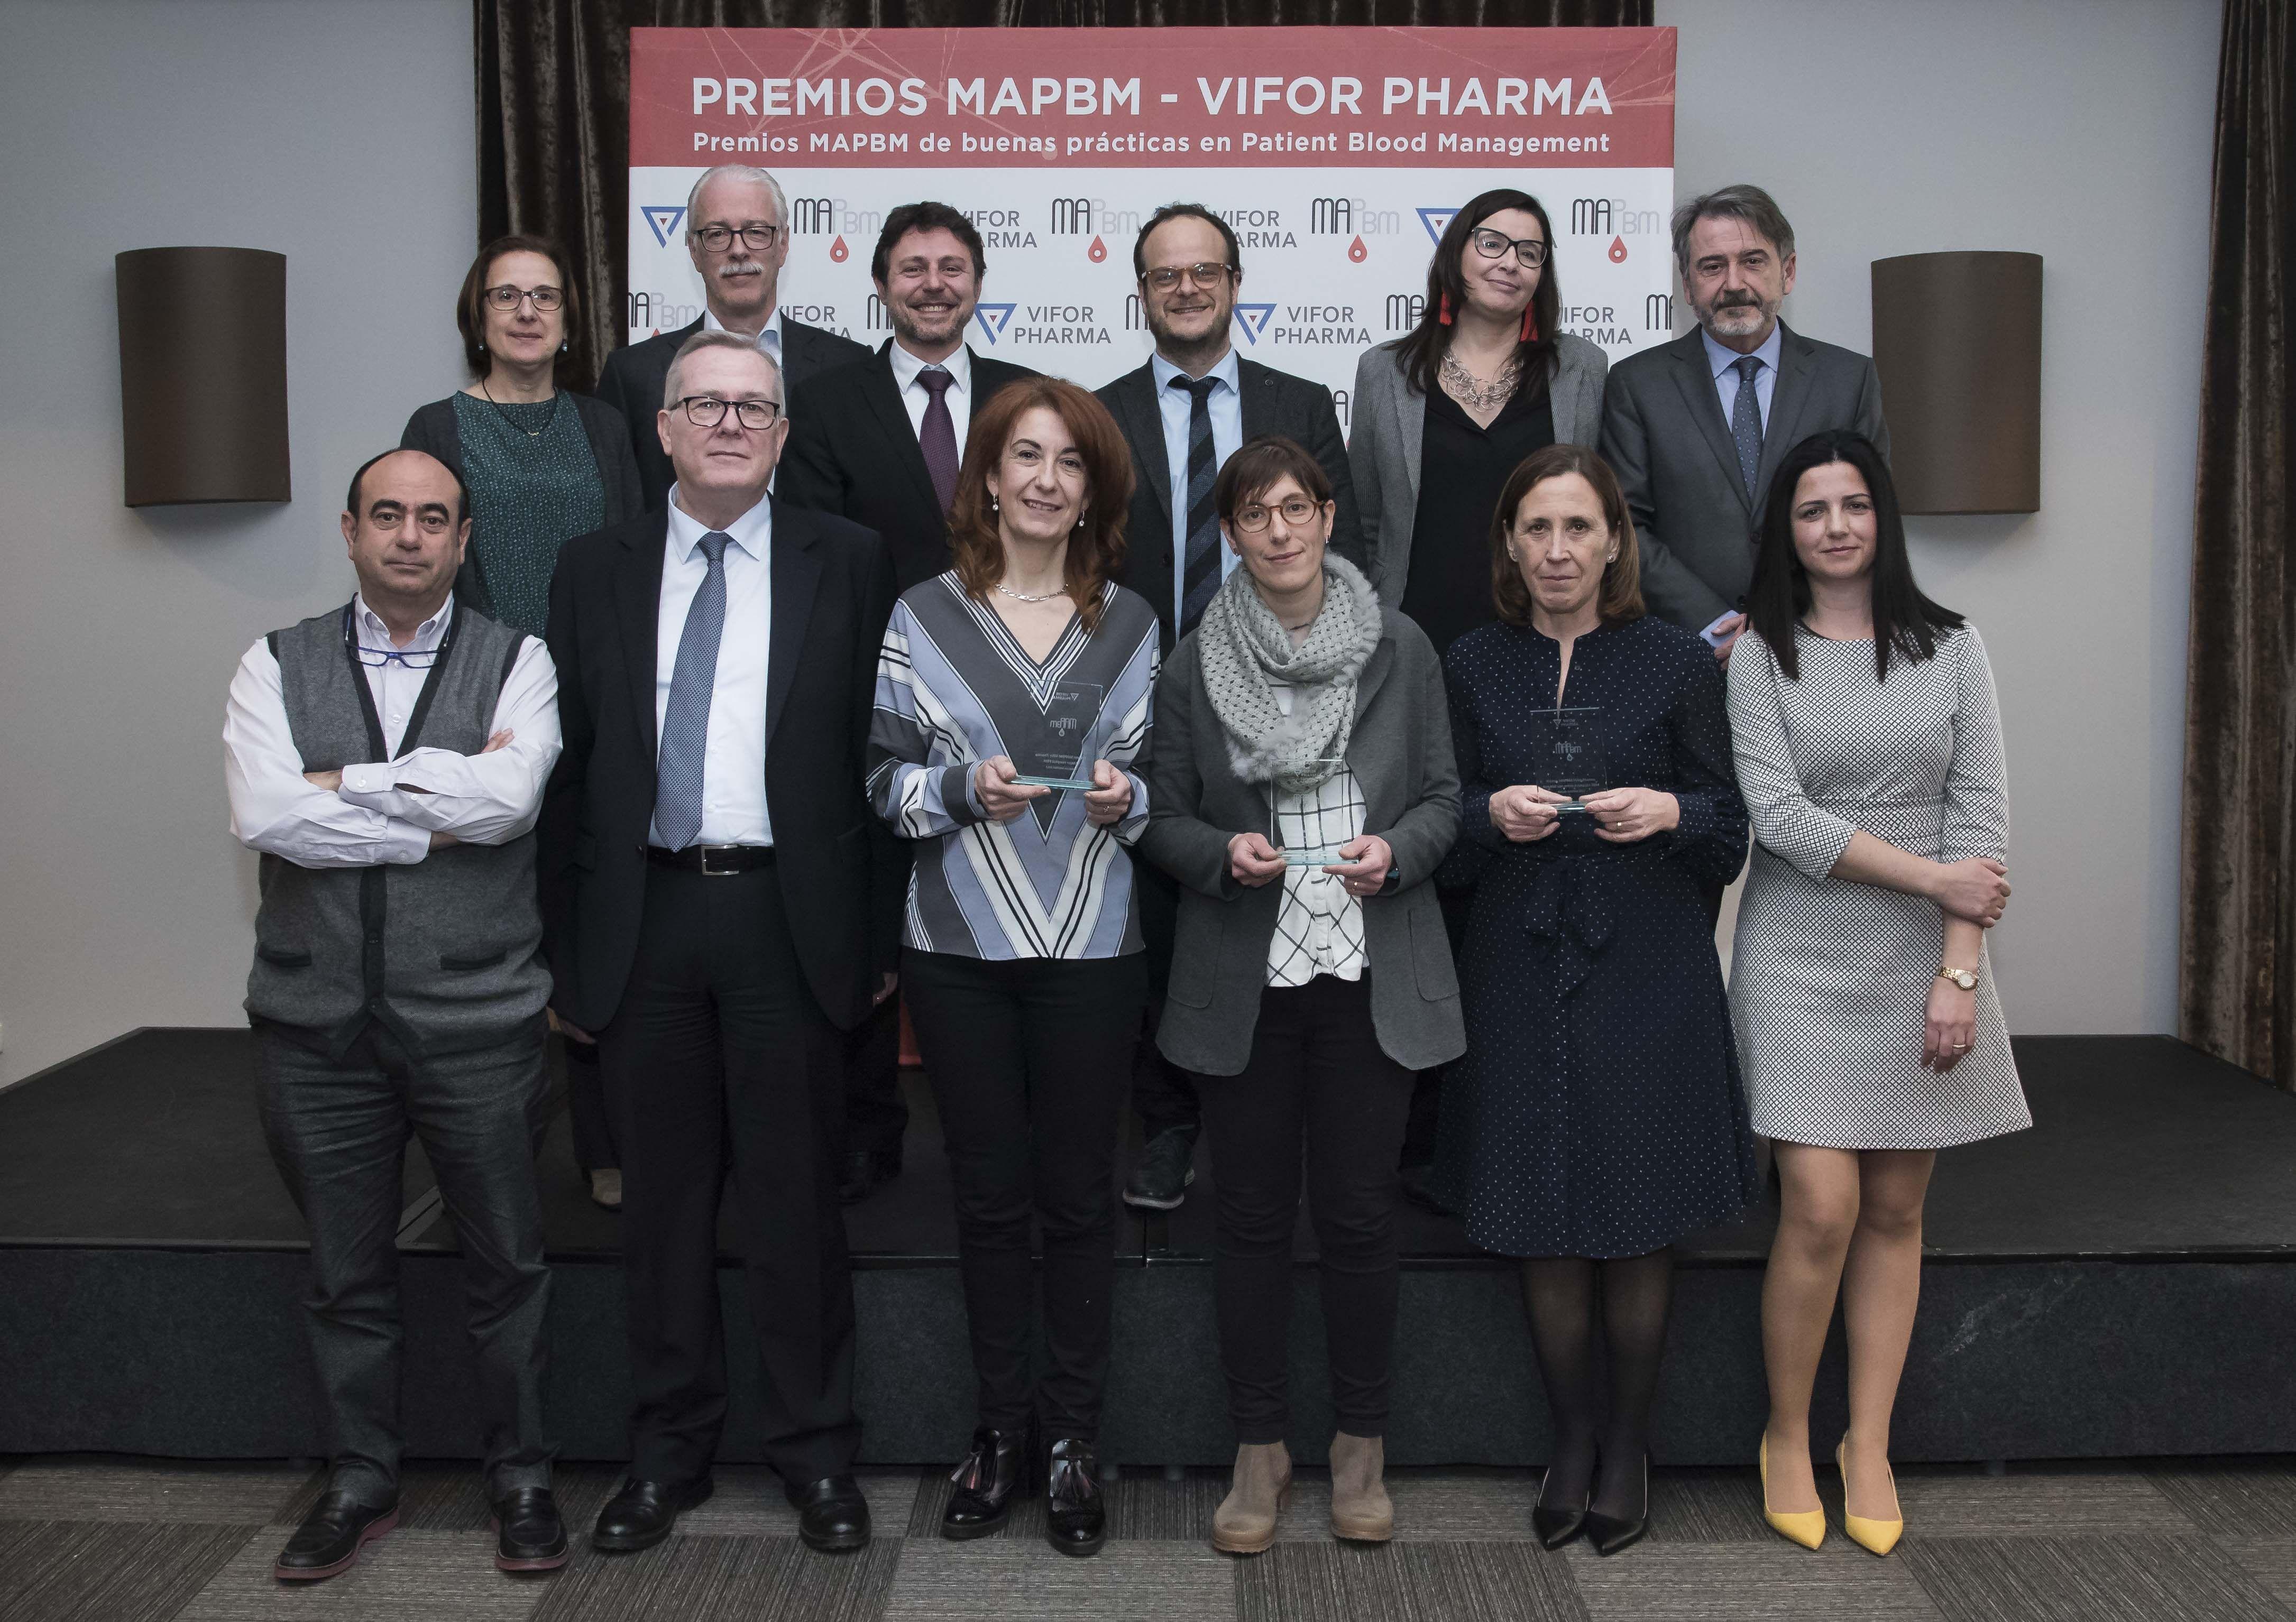 Foto de Galardonados Premios MAPBM-Vifor y miembros del jurado